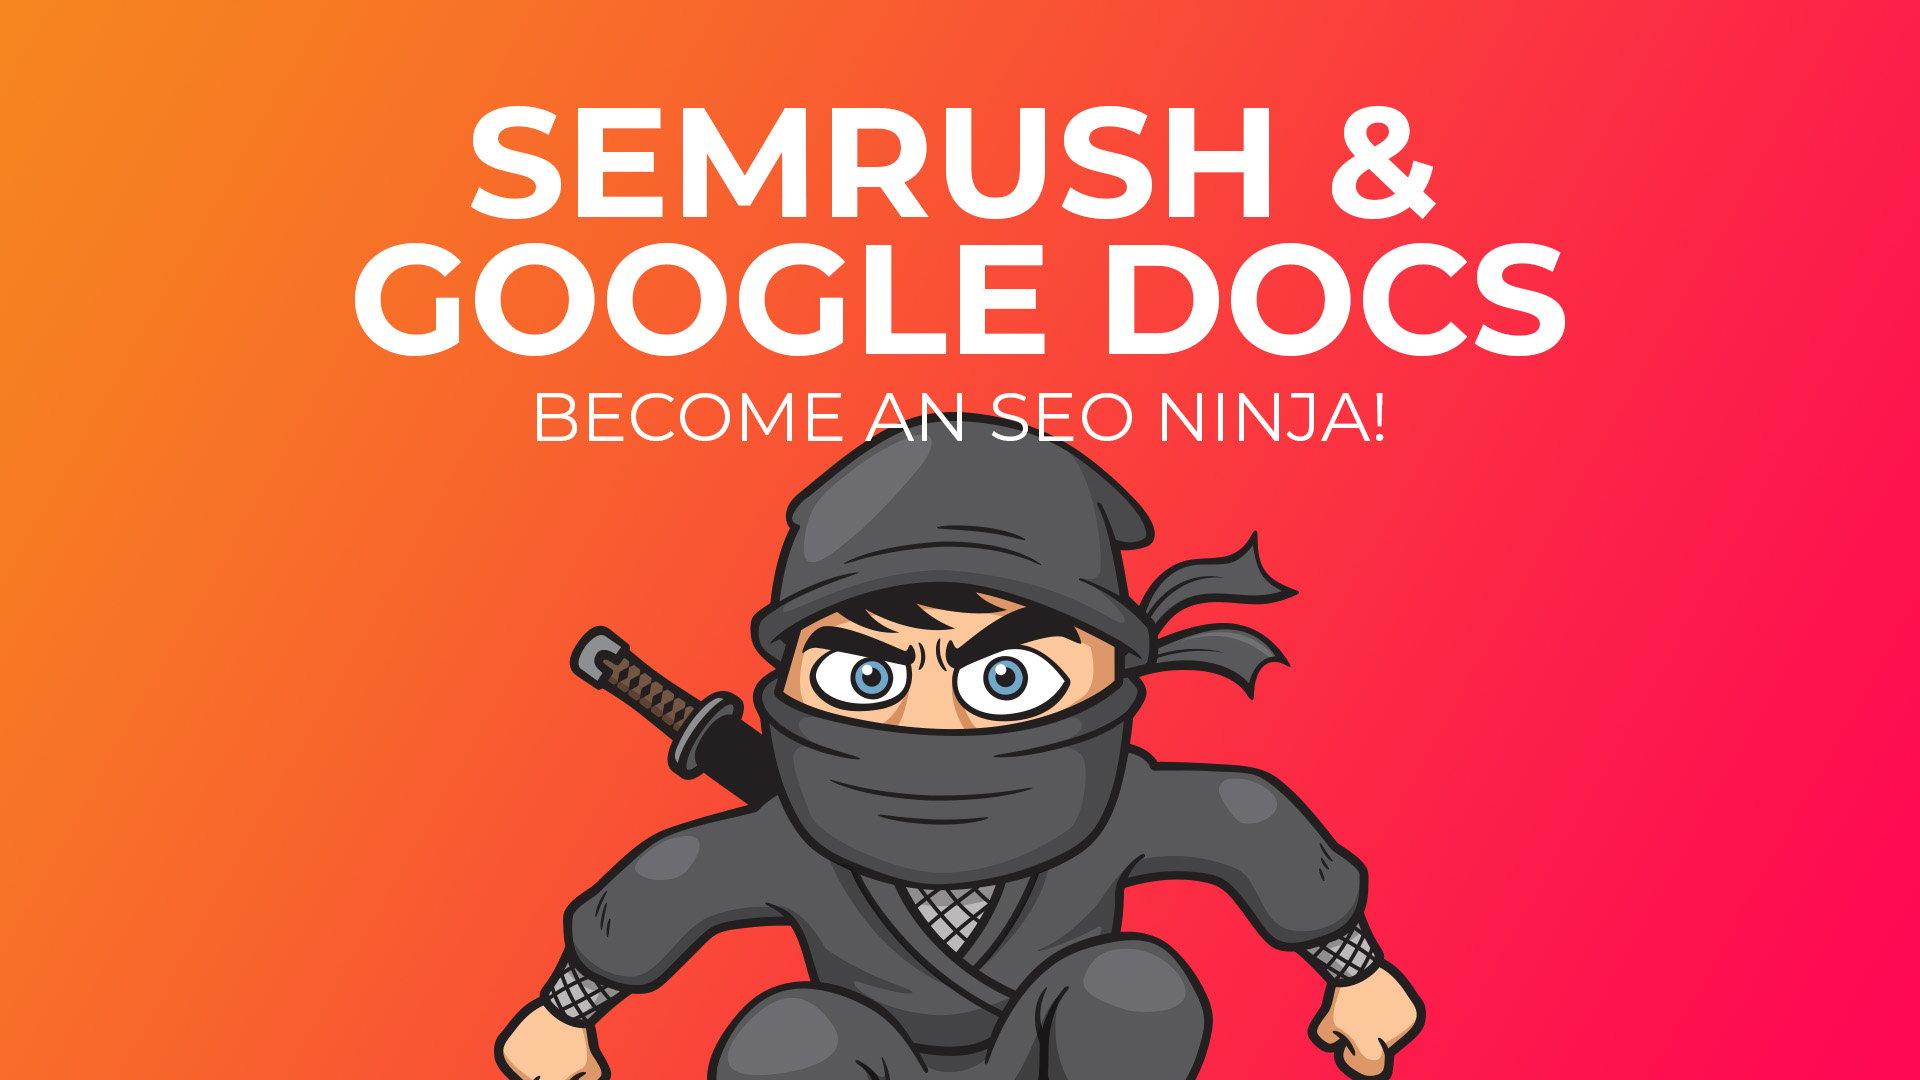 Semrush SEO Ninja